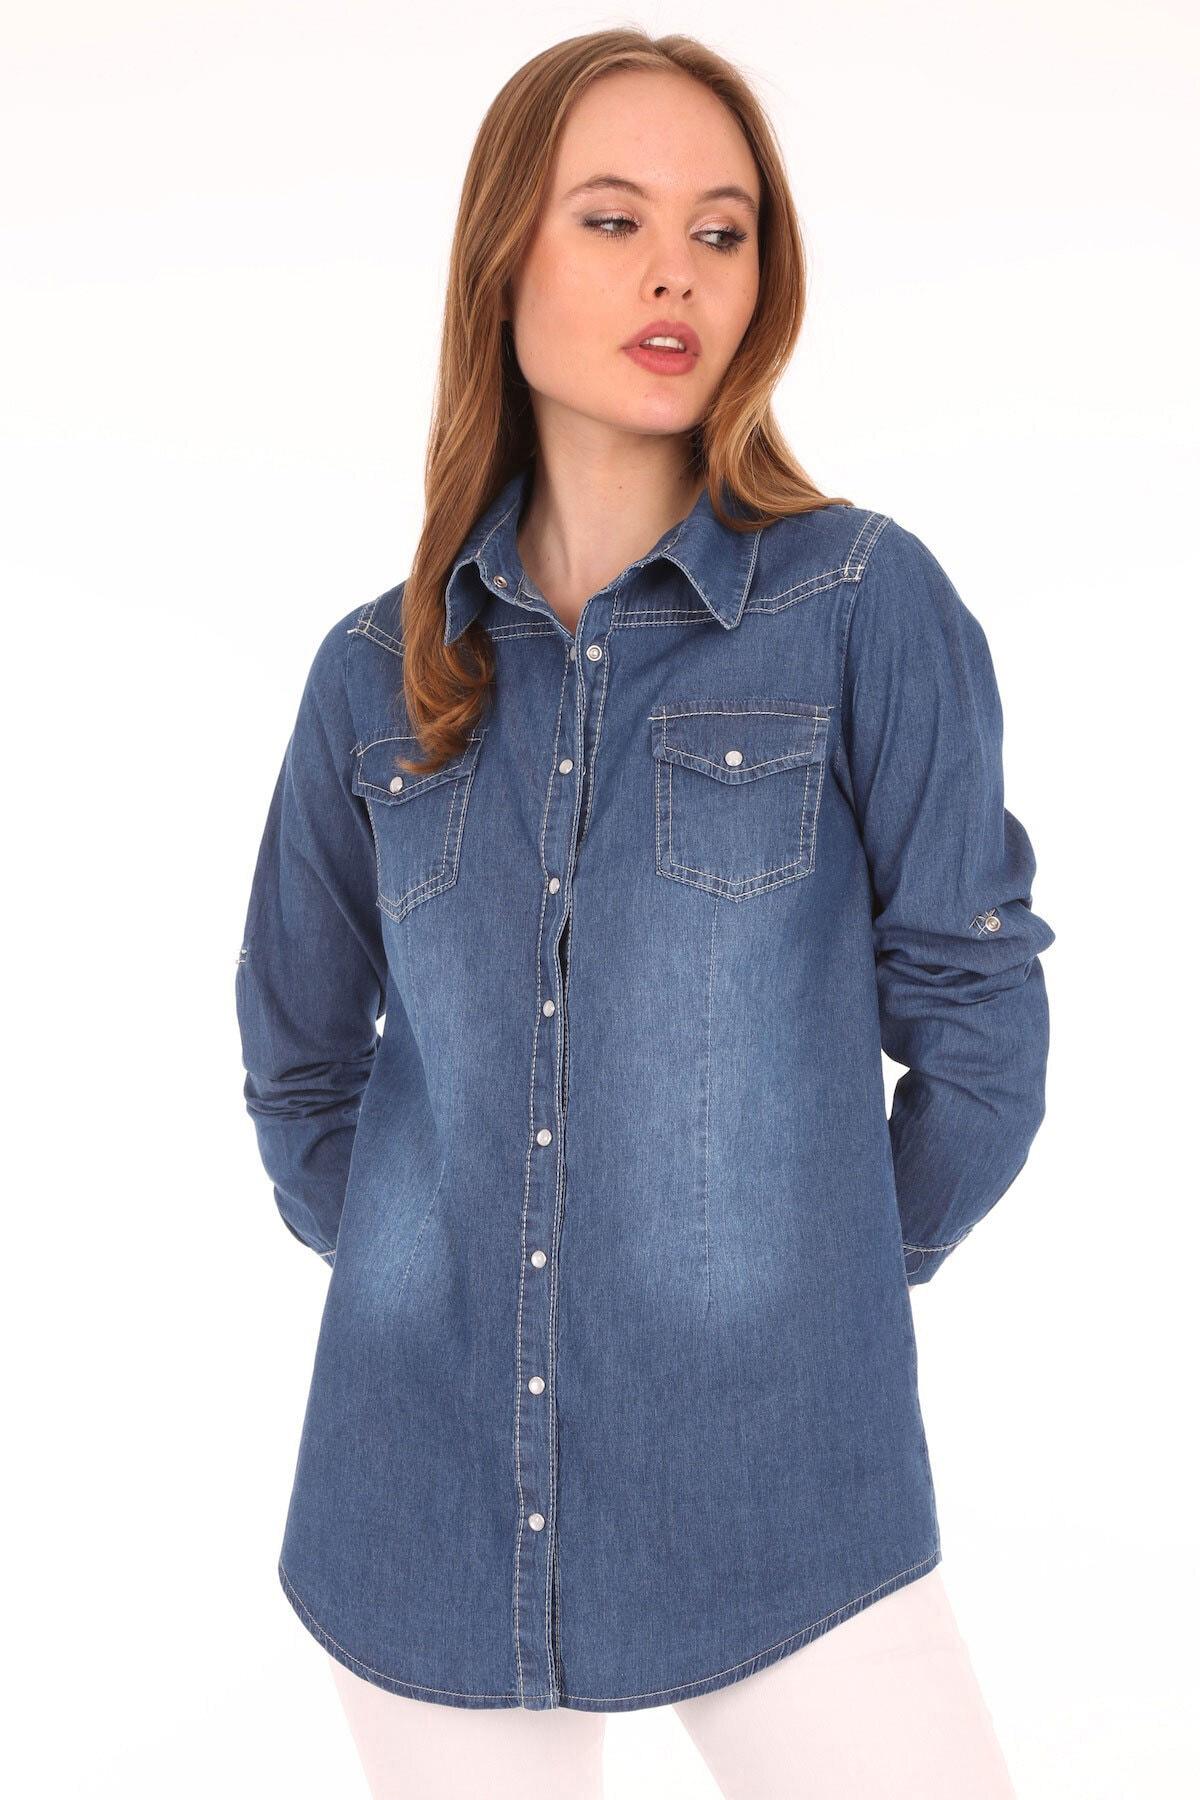 Bigdart Kadın Mavi Çift Cepli Çıtçıtlı Kot Gömlek 3411 2